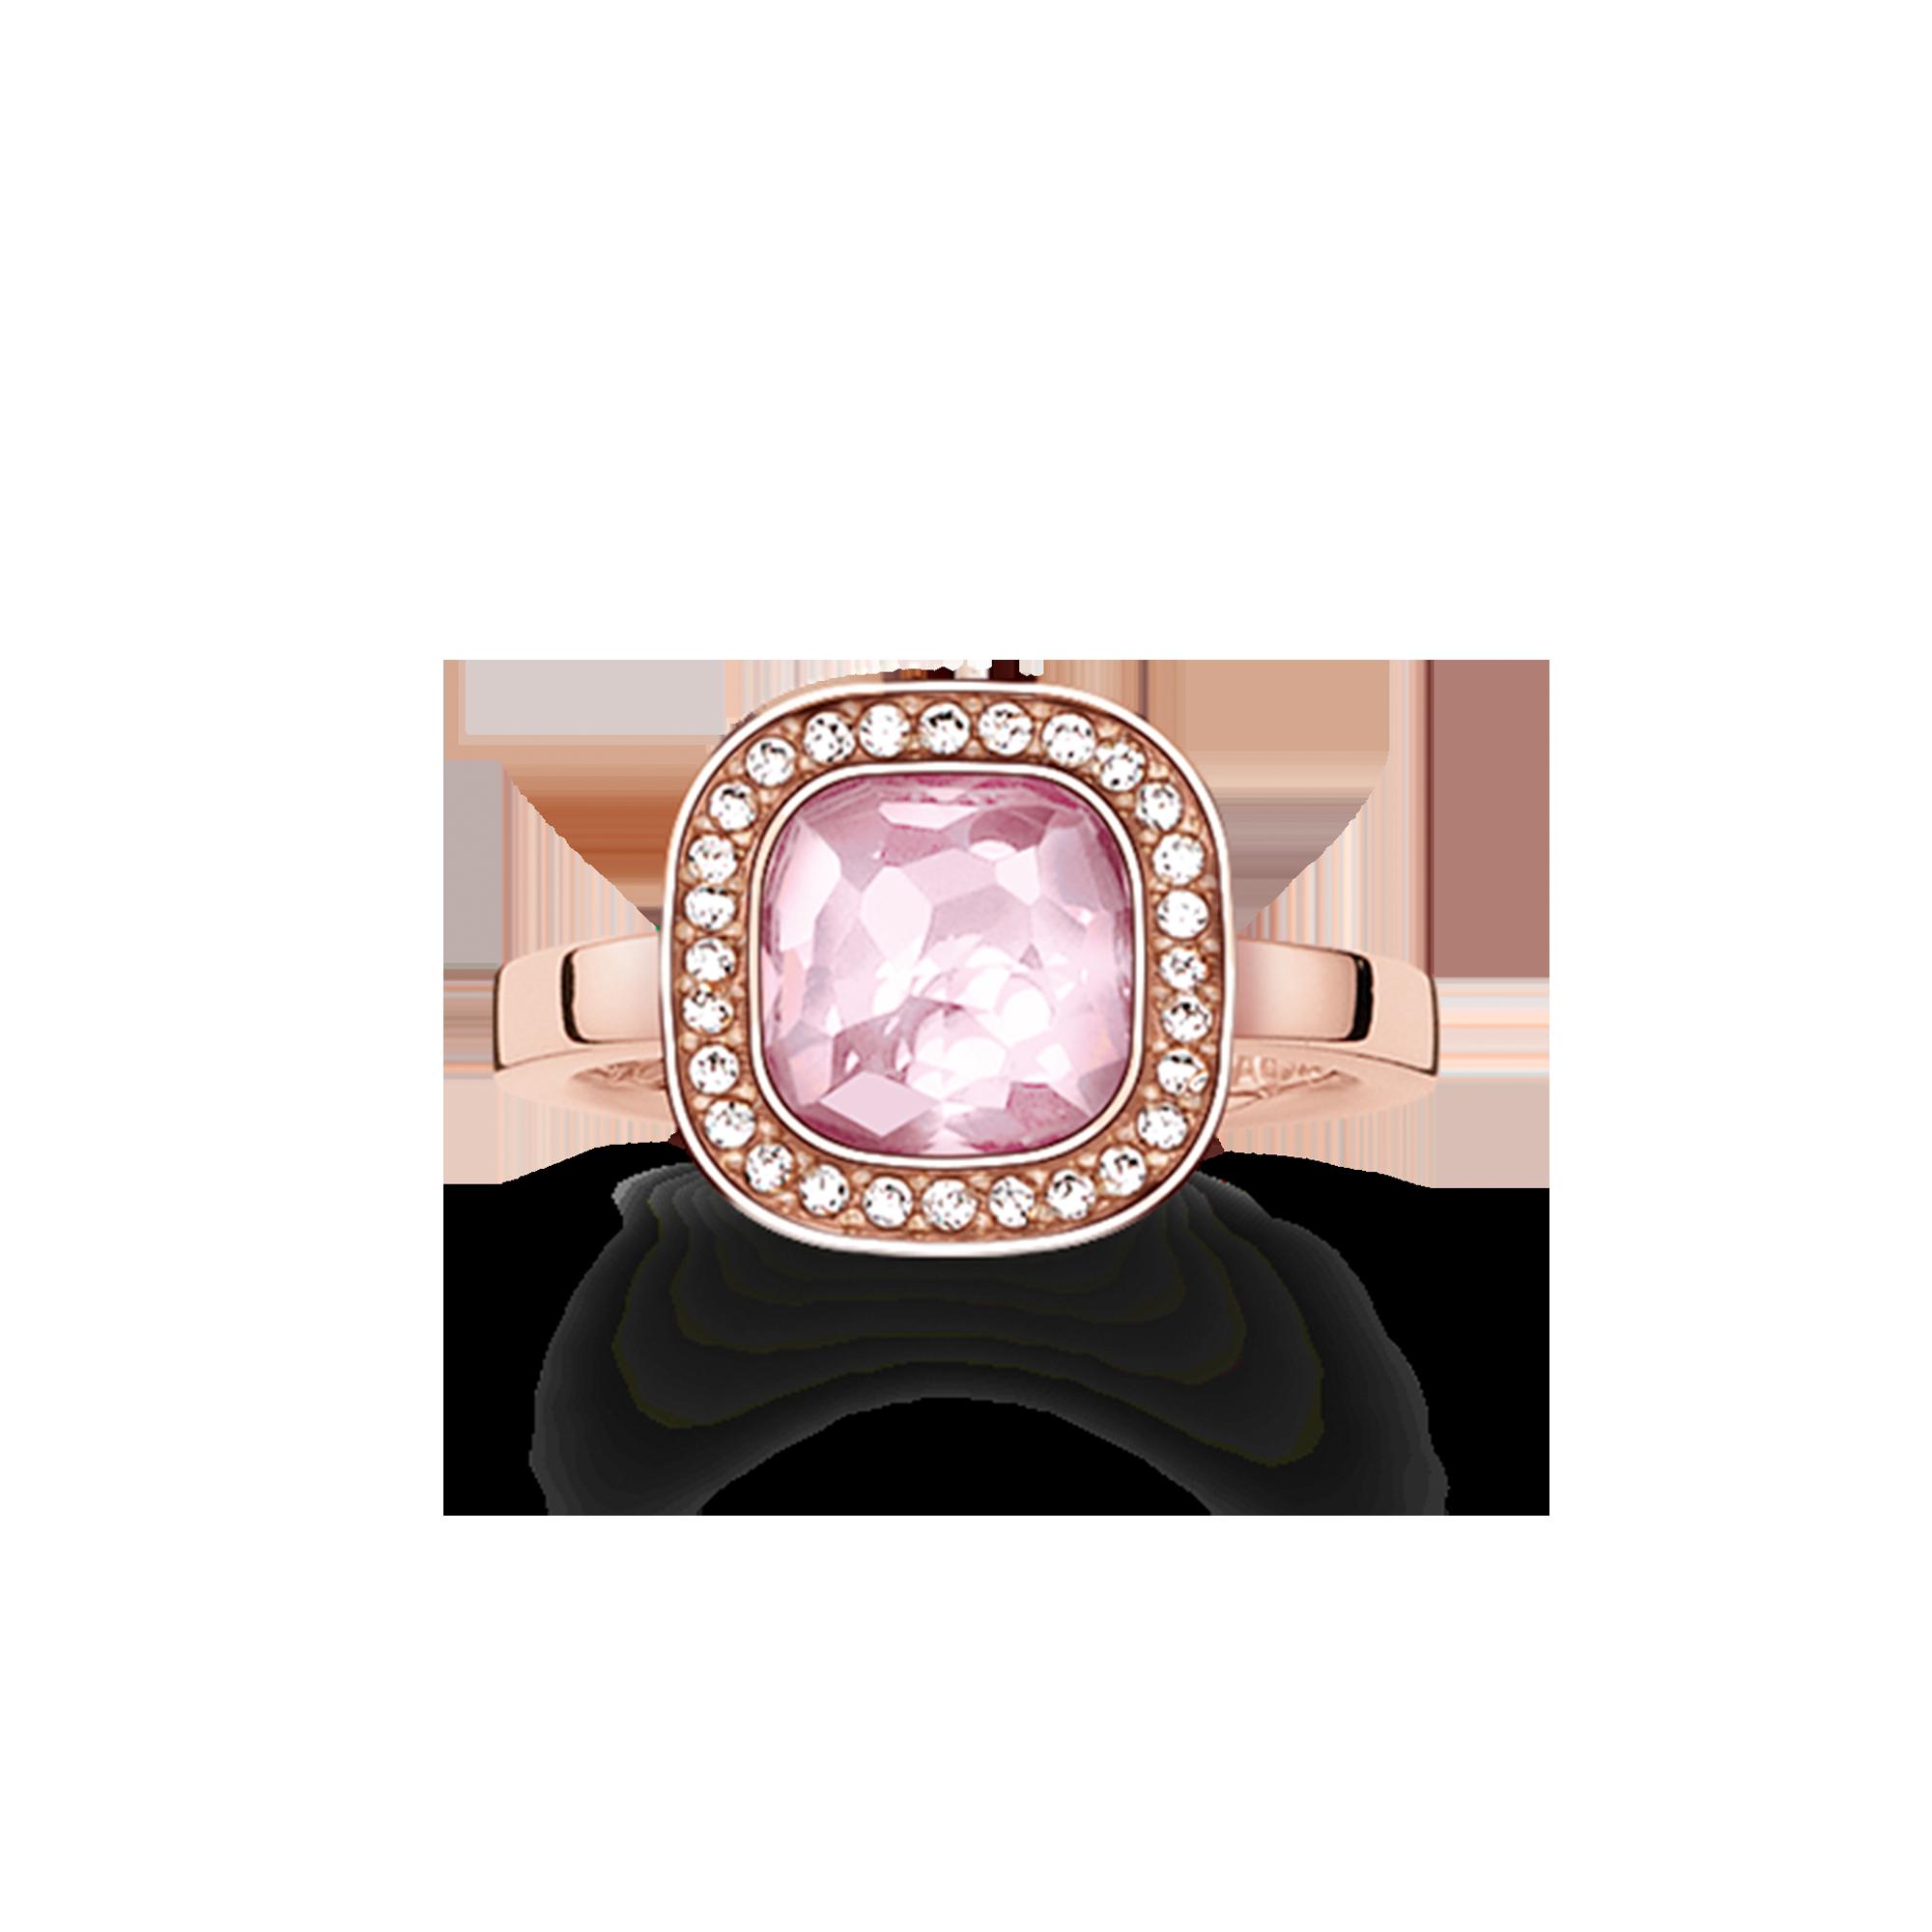 Thomas Sabo - anillo rosa - 1